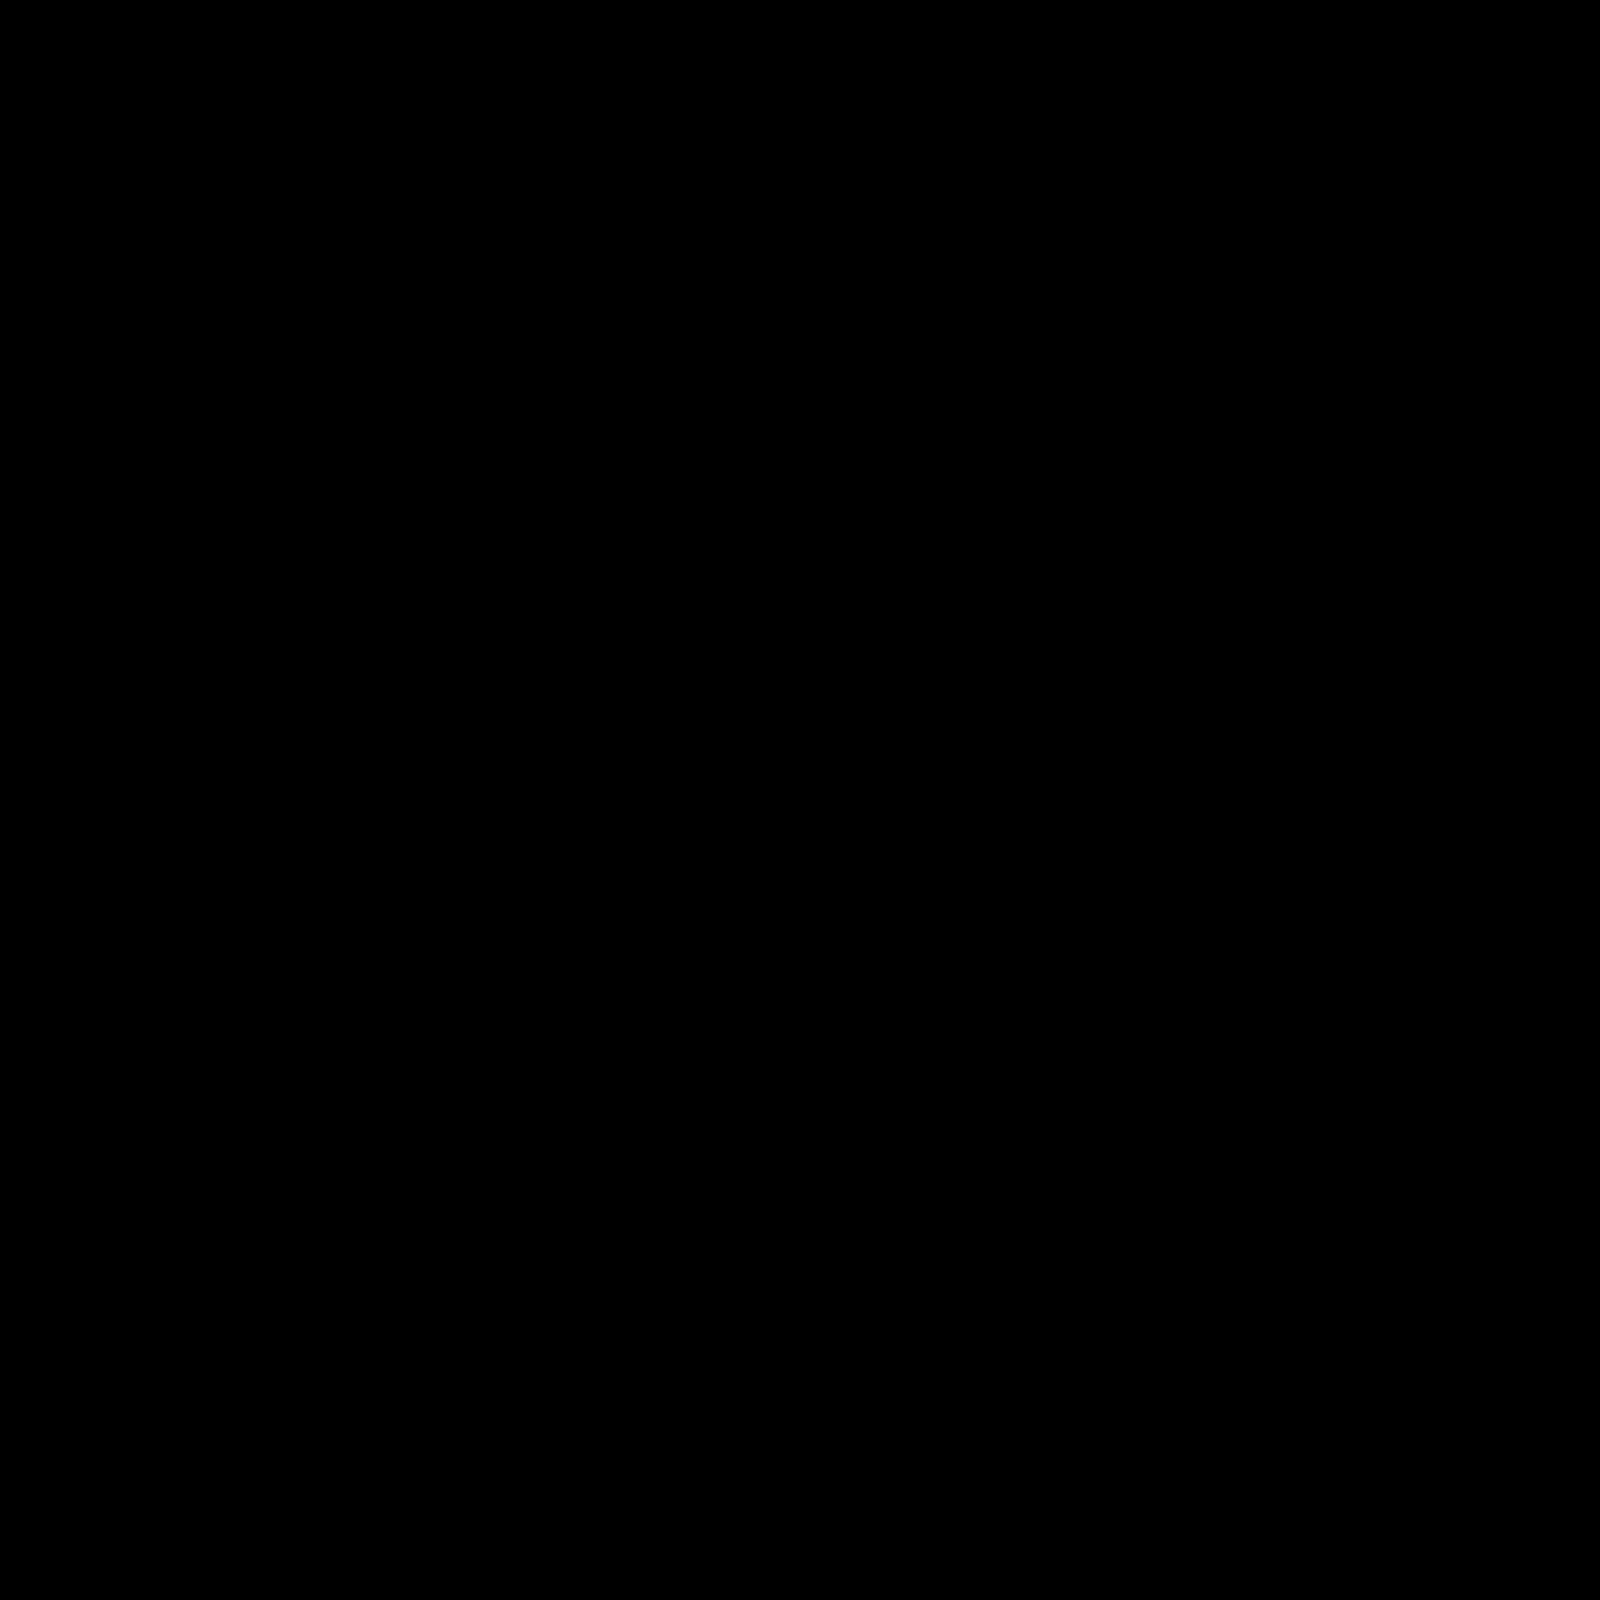 ギター icon. The icon is a guitar. The guitar is an instrument that has a whole in the center. Strings front the top of the guitar to right above the center. On the top of the guitar it has tuners which are used to tune the strings on the guitar so they are close to perfect pitch.